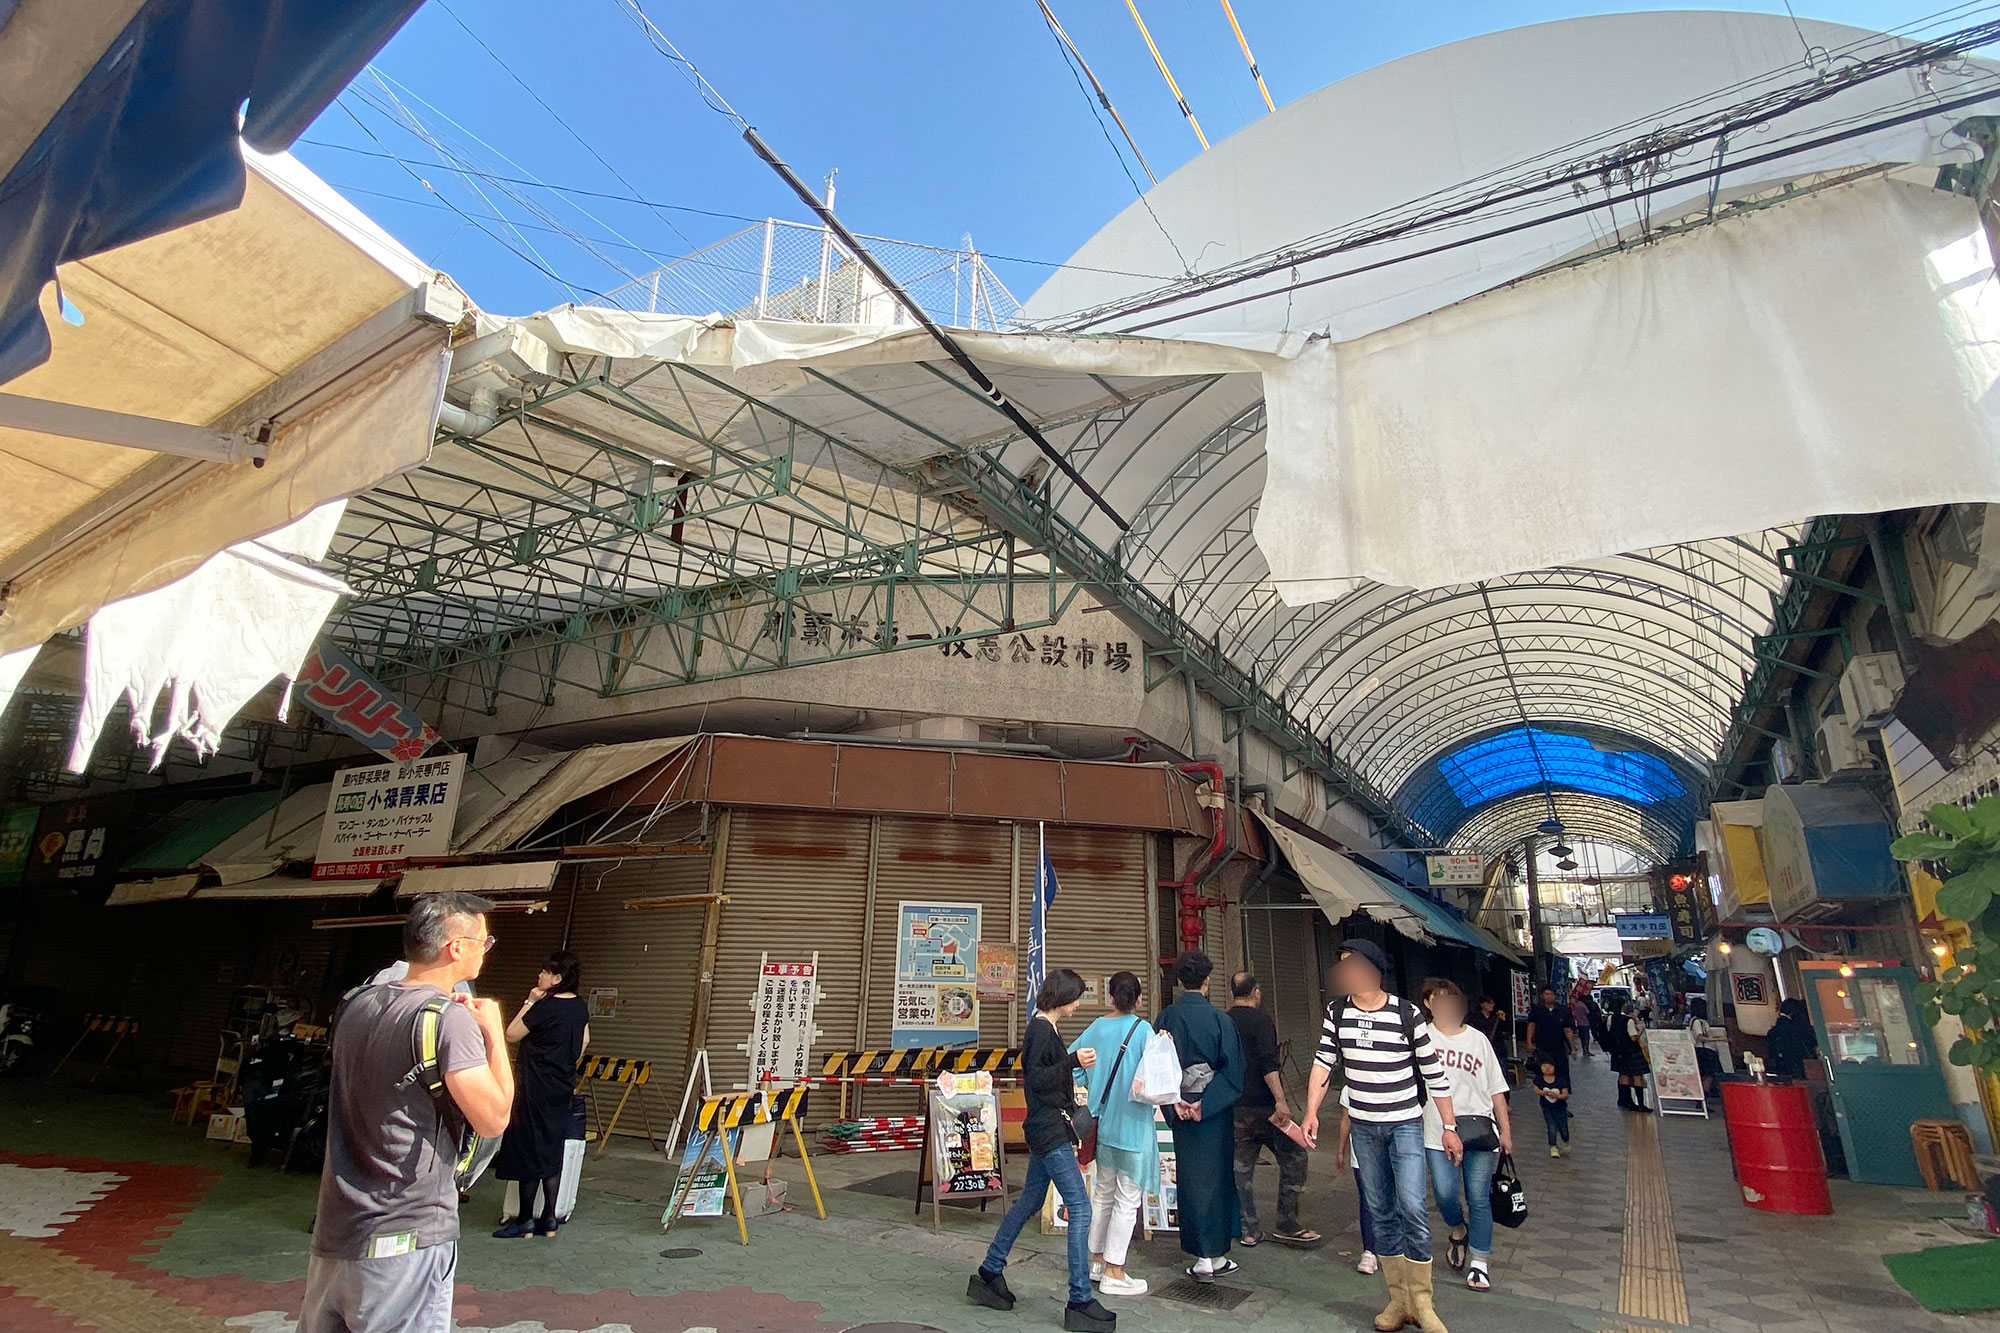 ついに解体工事が始まる。解体前 最後の「那覇市第一牧志公設市場」付近をまちまーいしてみた。|発見!まちまーい